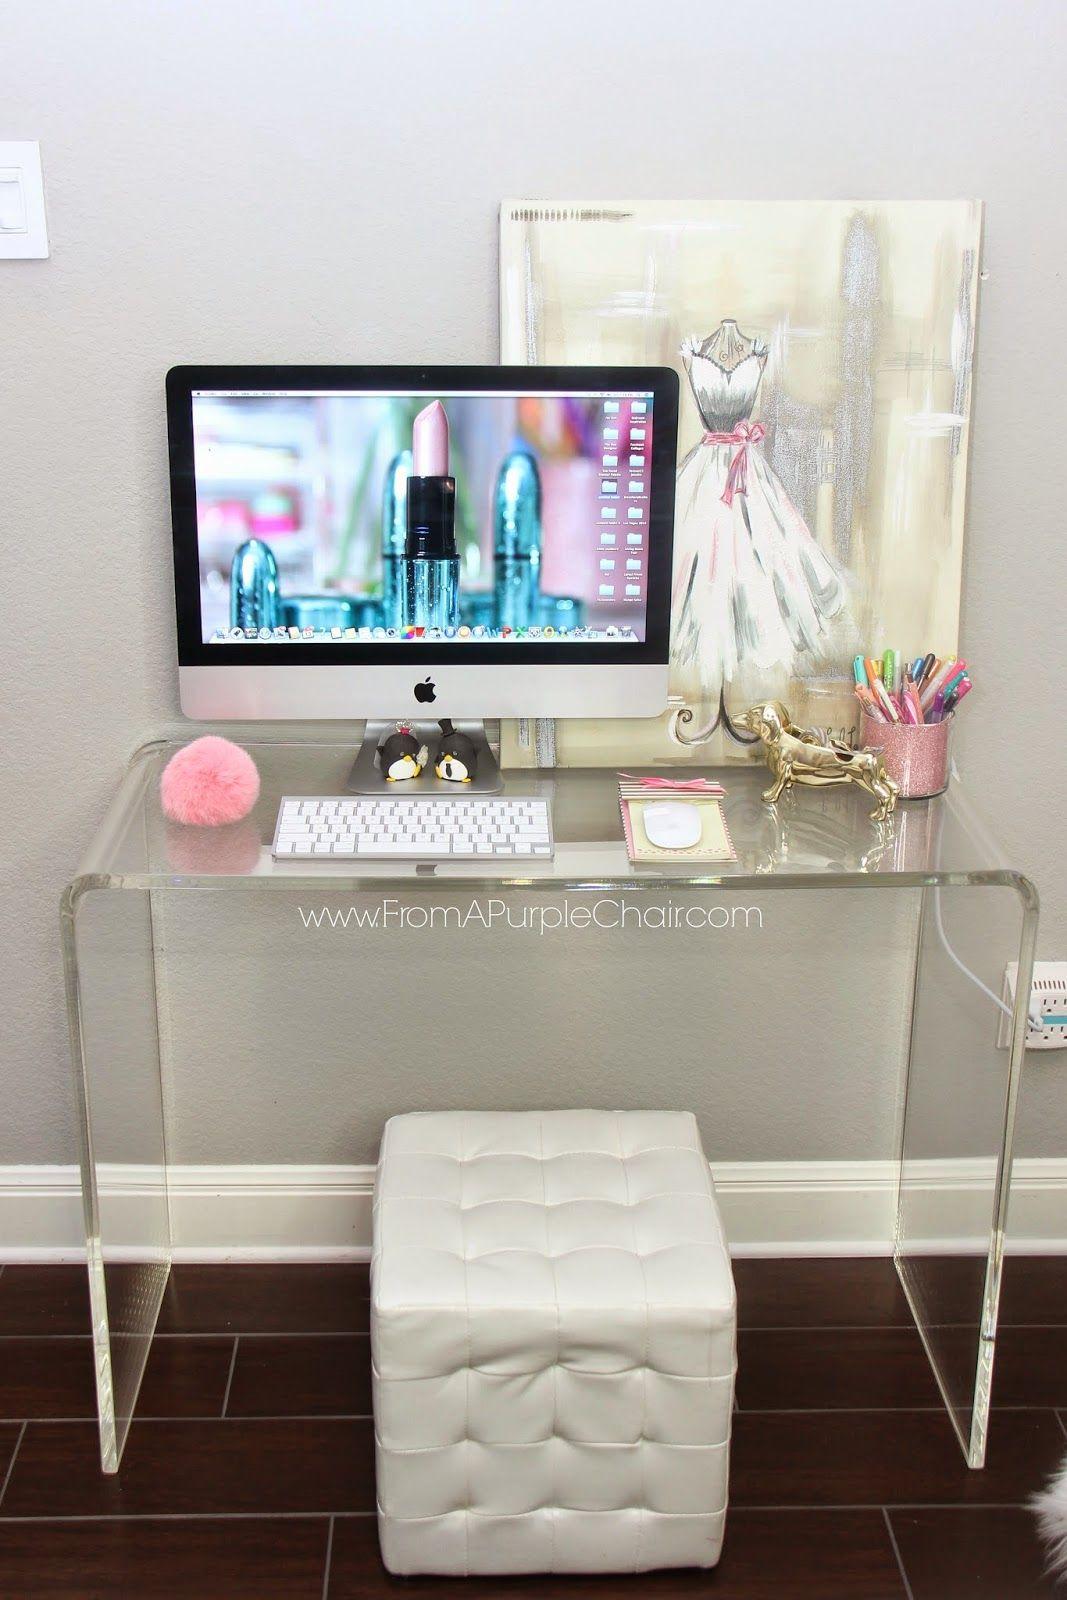 Miss Liz Heart: Beauty Room/Office Update   New Desk  Clear Desk In Burn To  Make It Feel Less Obtrusive?